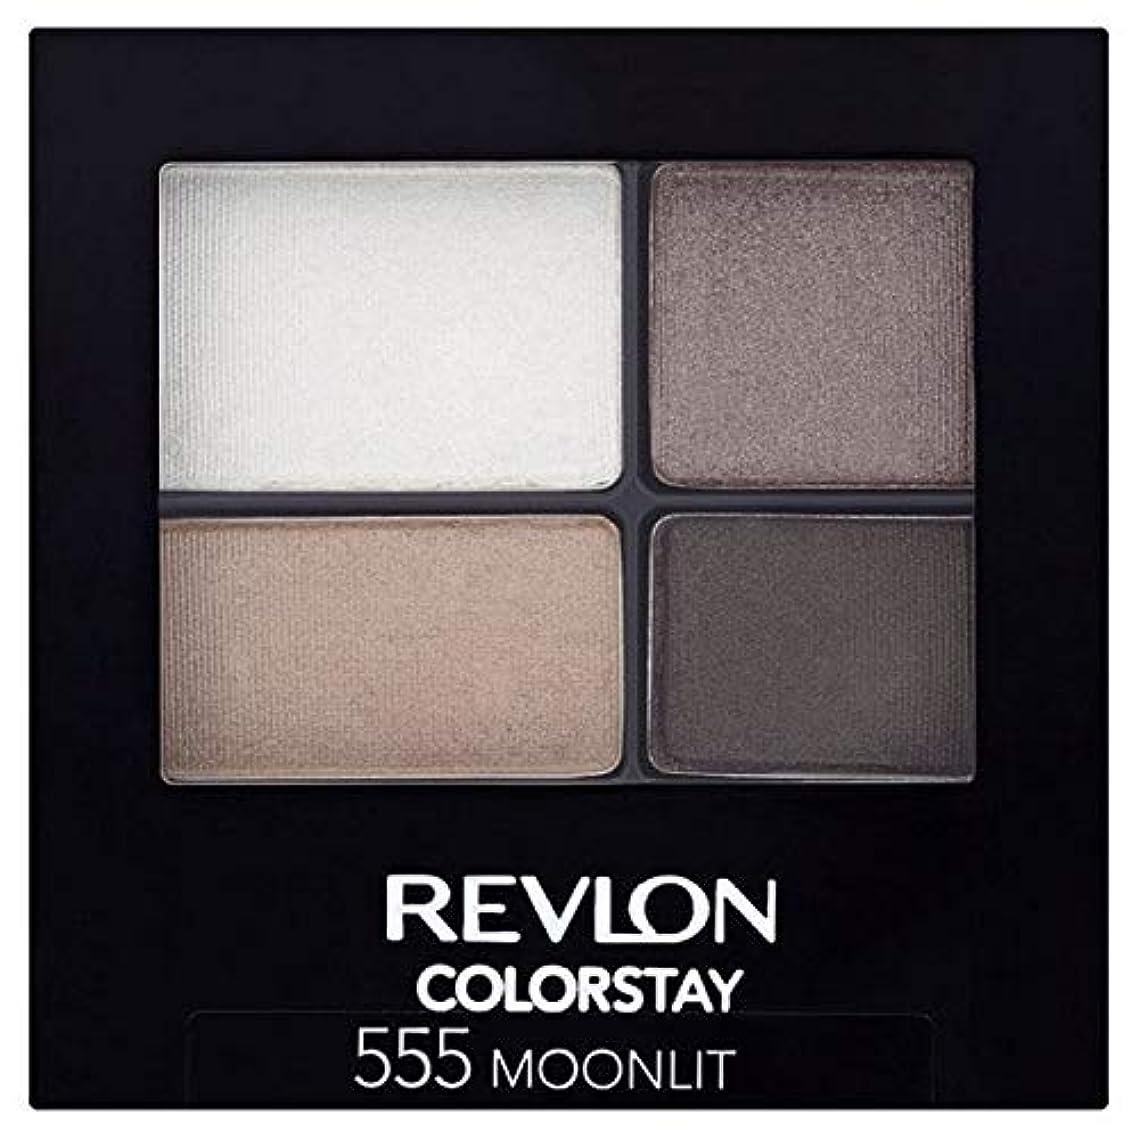 色摂氏度スクリーチ[Revlon ] レブロンColorstay 16時間のアイシャドウは555月光 - Revlon Colorstay 16 Hour Eye Shadow Moonlight 555 [並行輸入品]